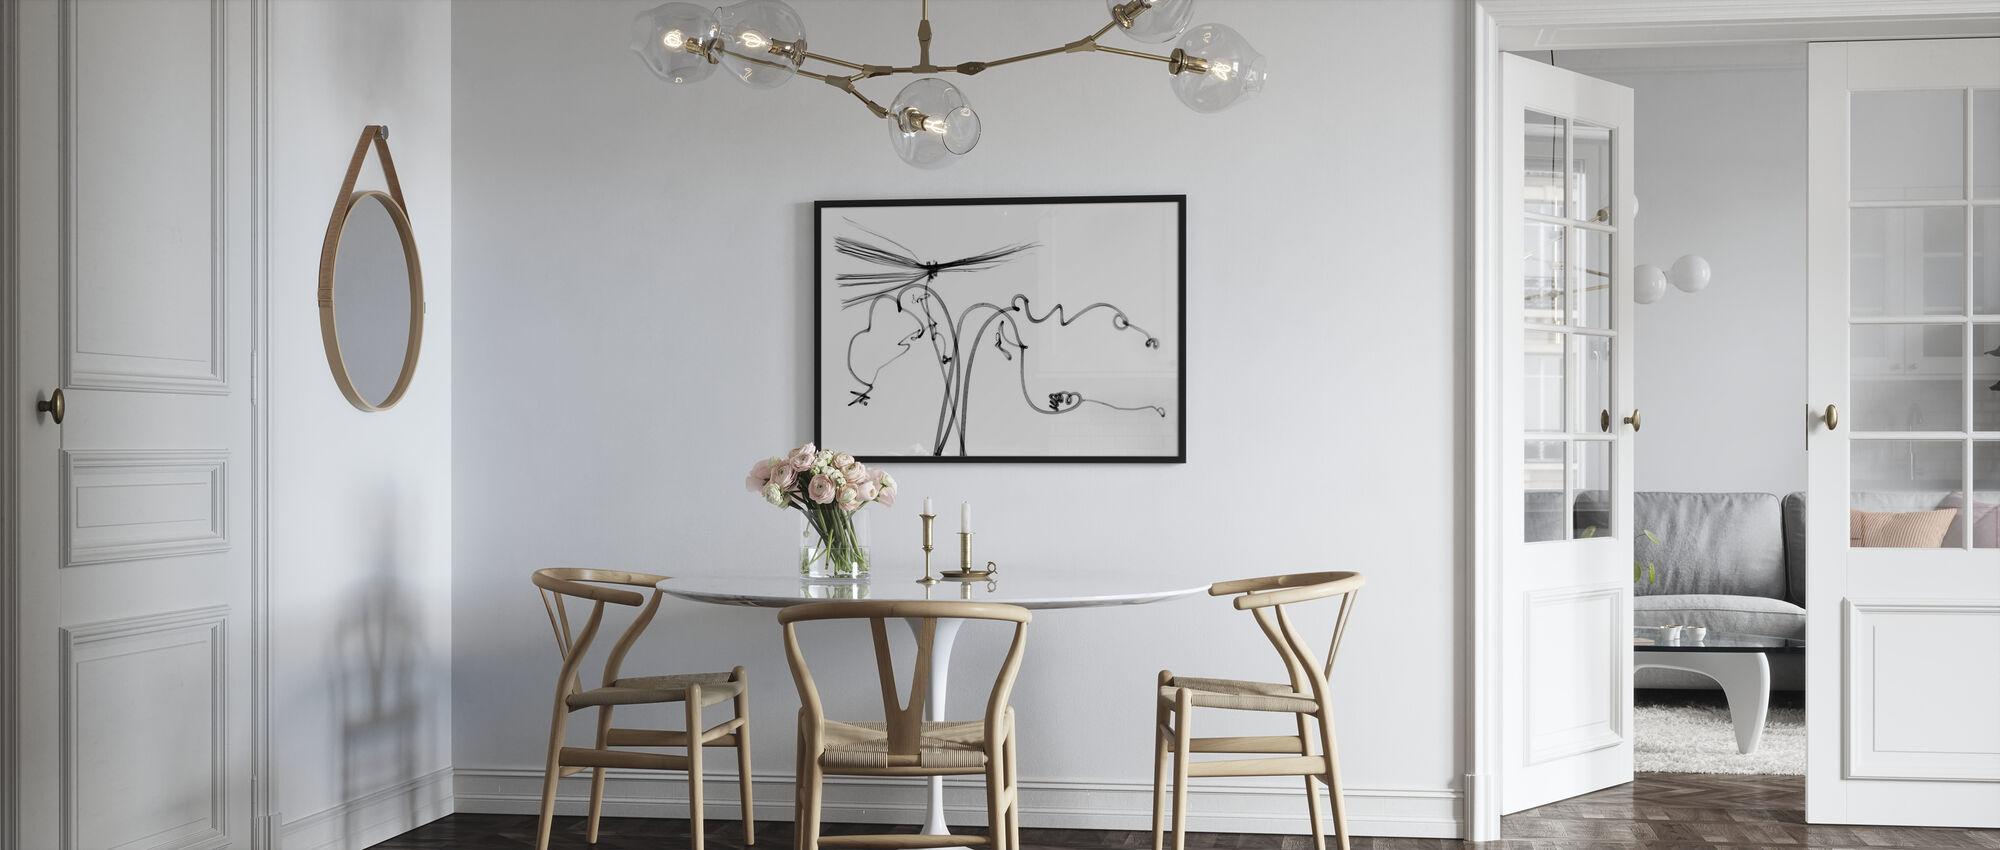 Strollslända - Poster - Kök